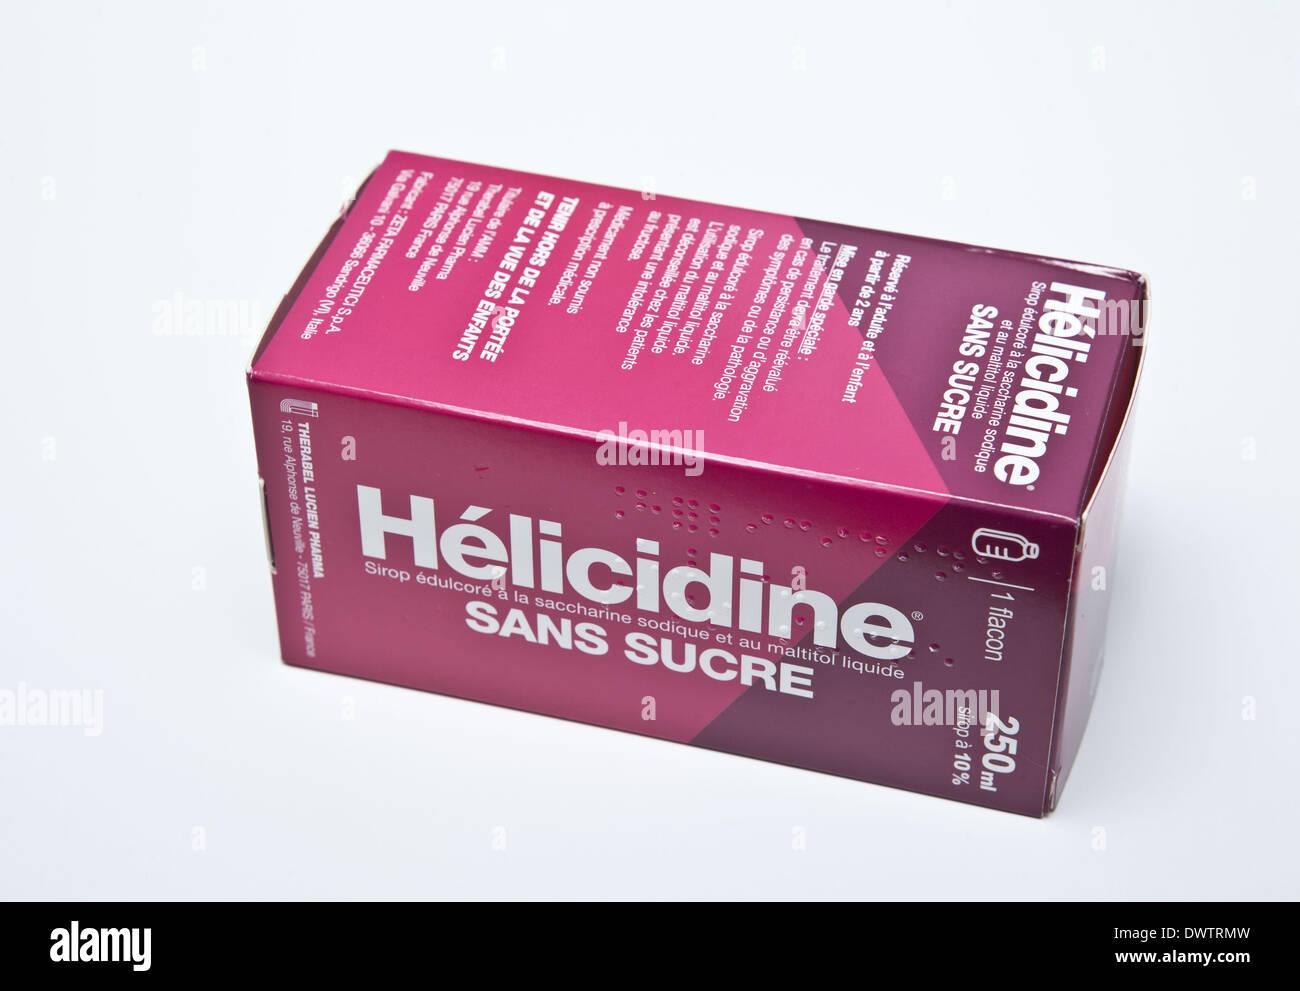 Helicidine - Stock Image